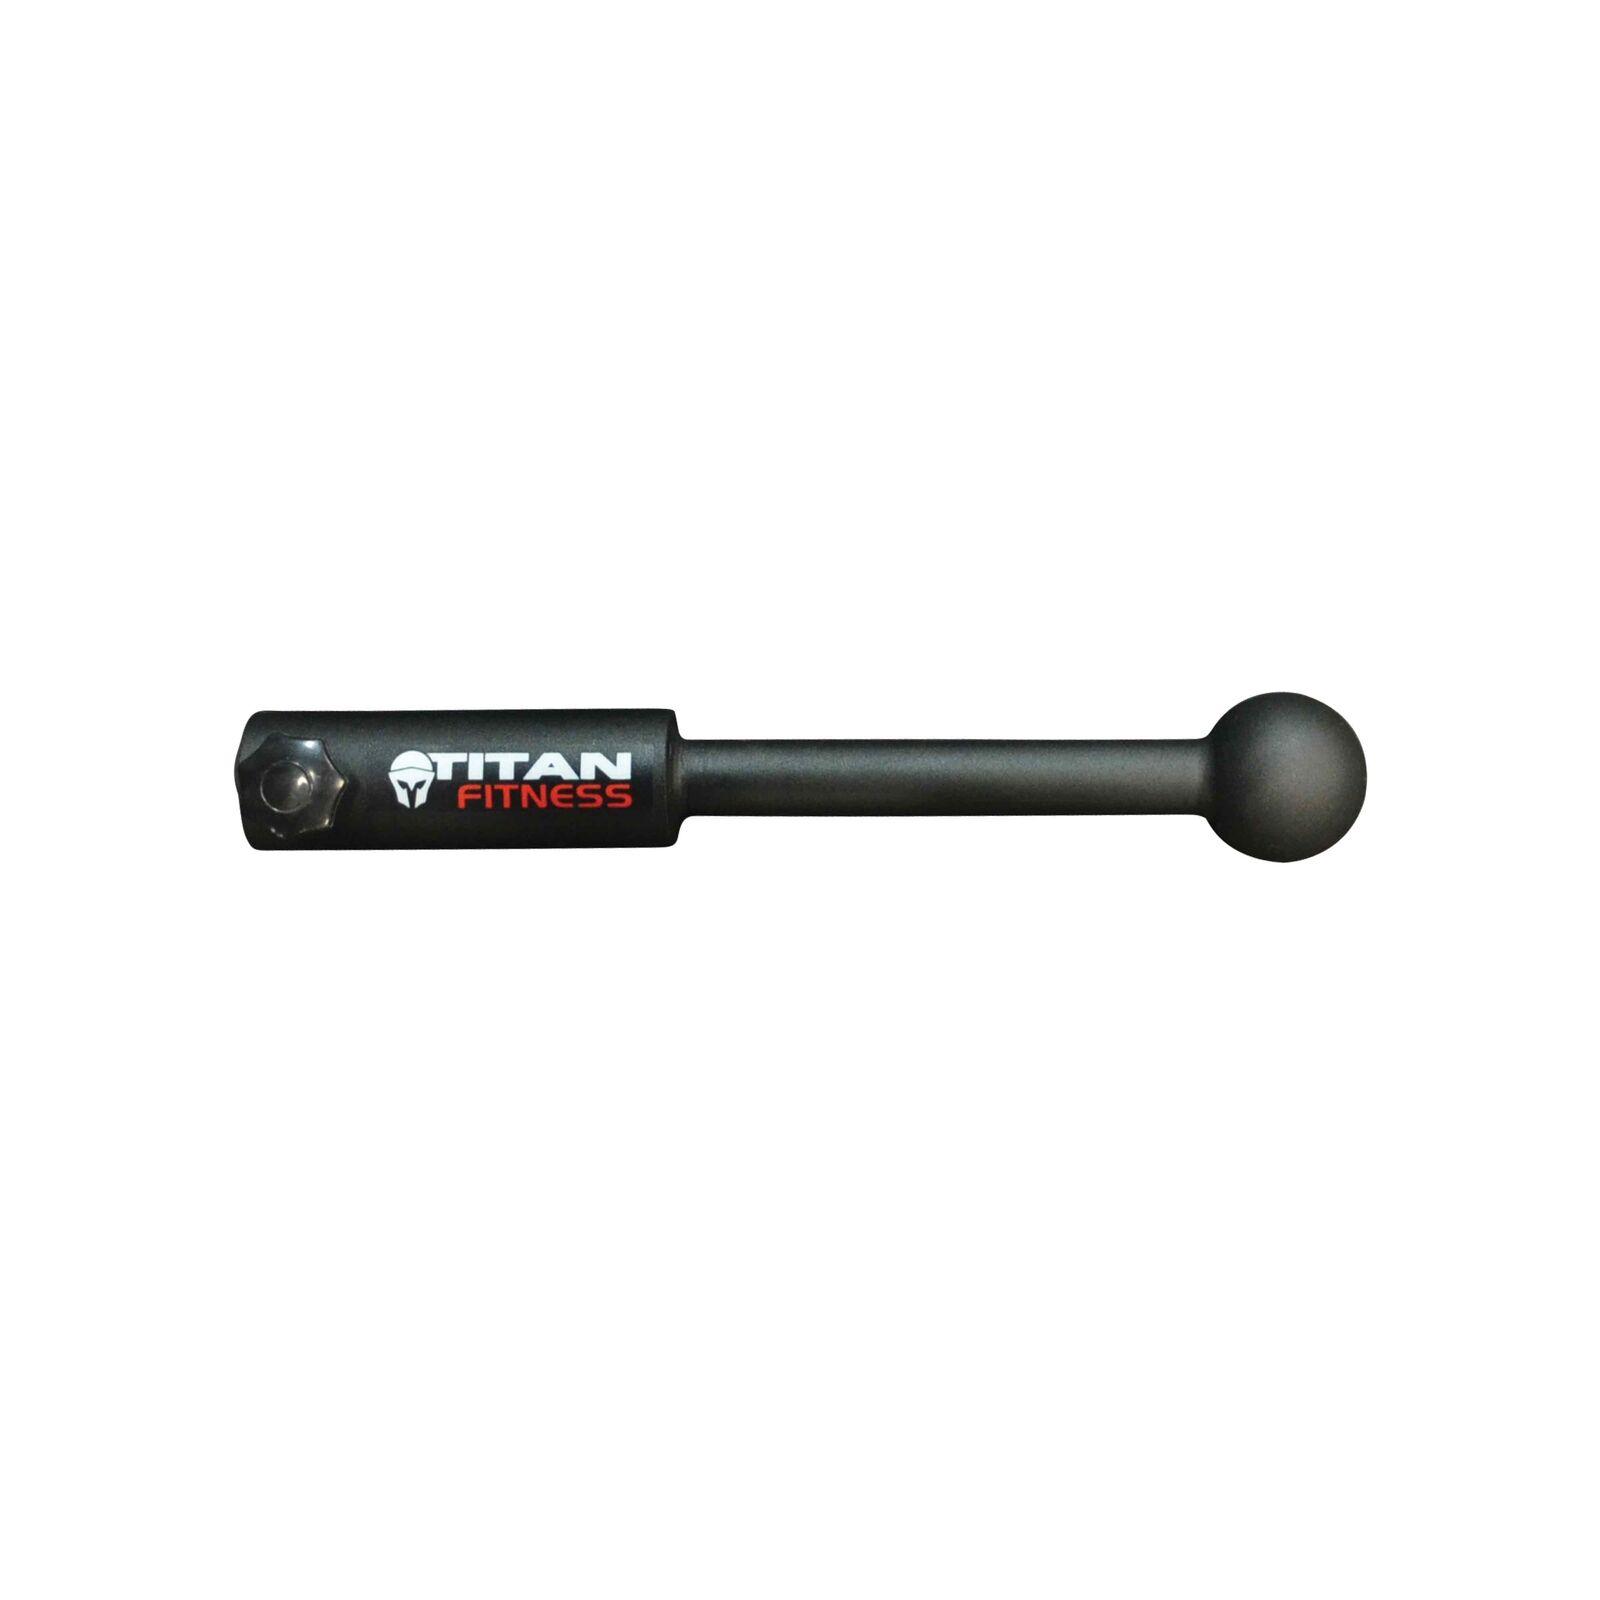 Titan Fitenss™ Hammer Sleeve Landmine Attachment   19